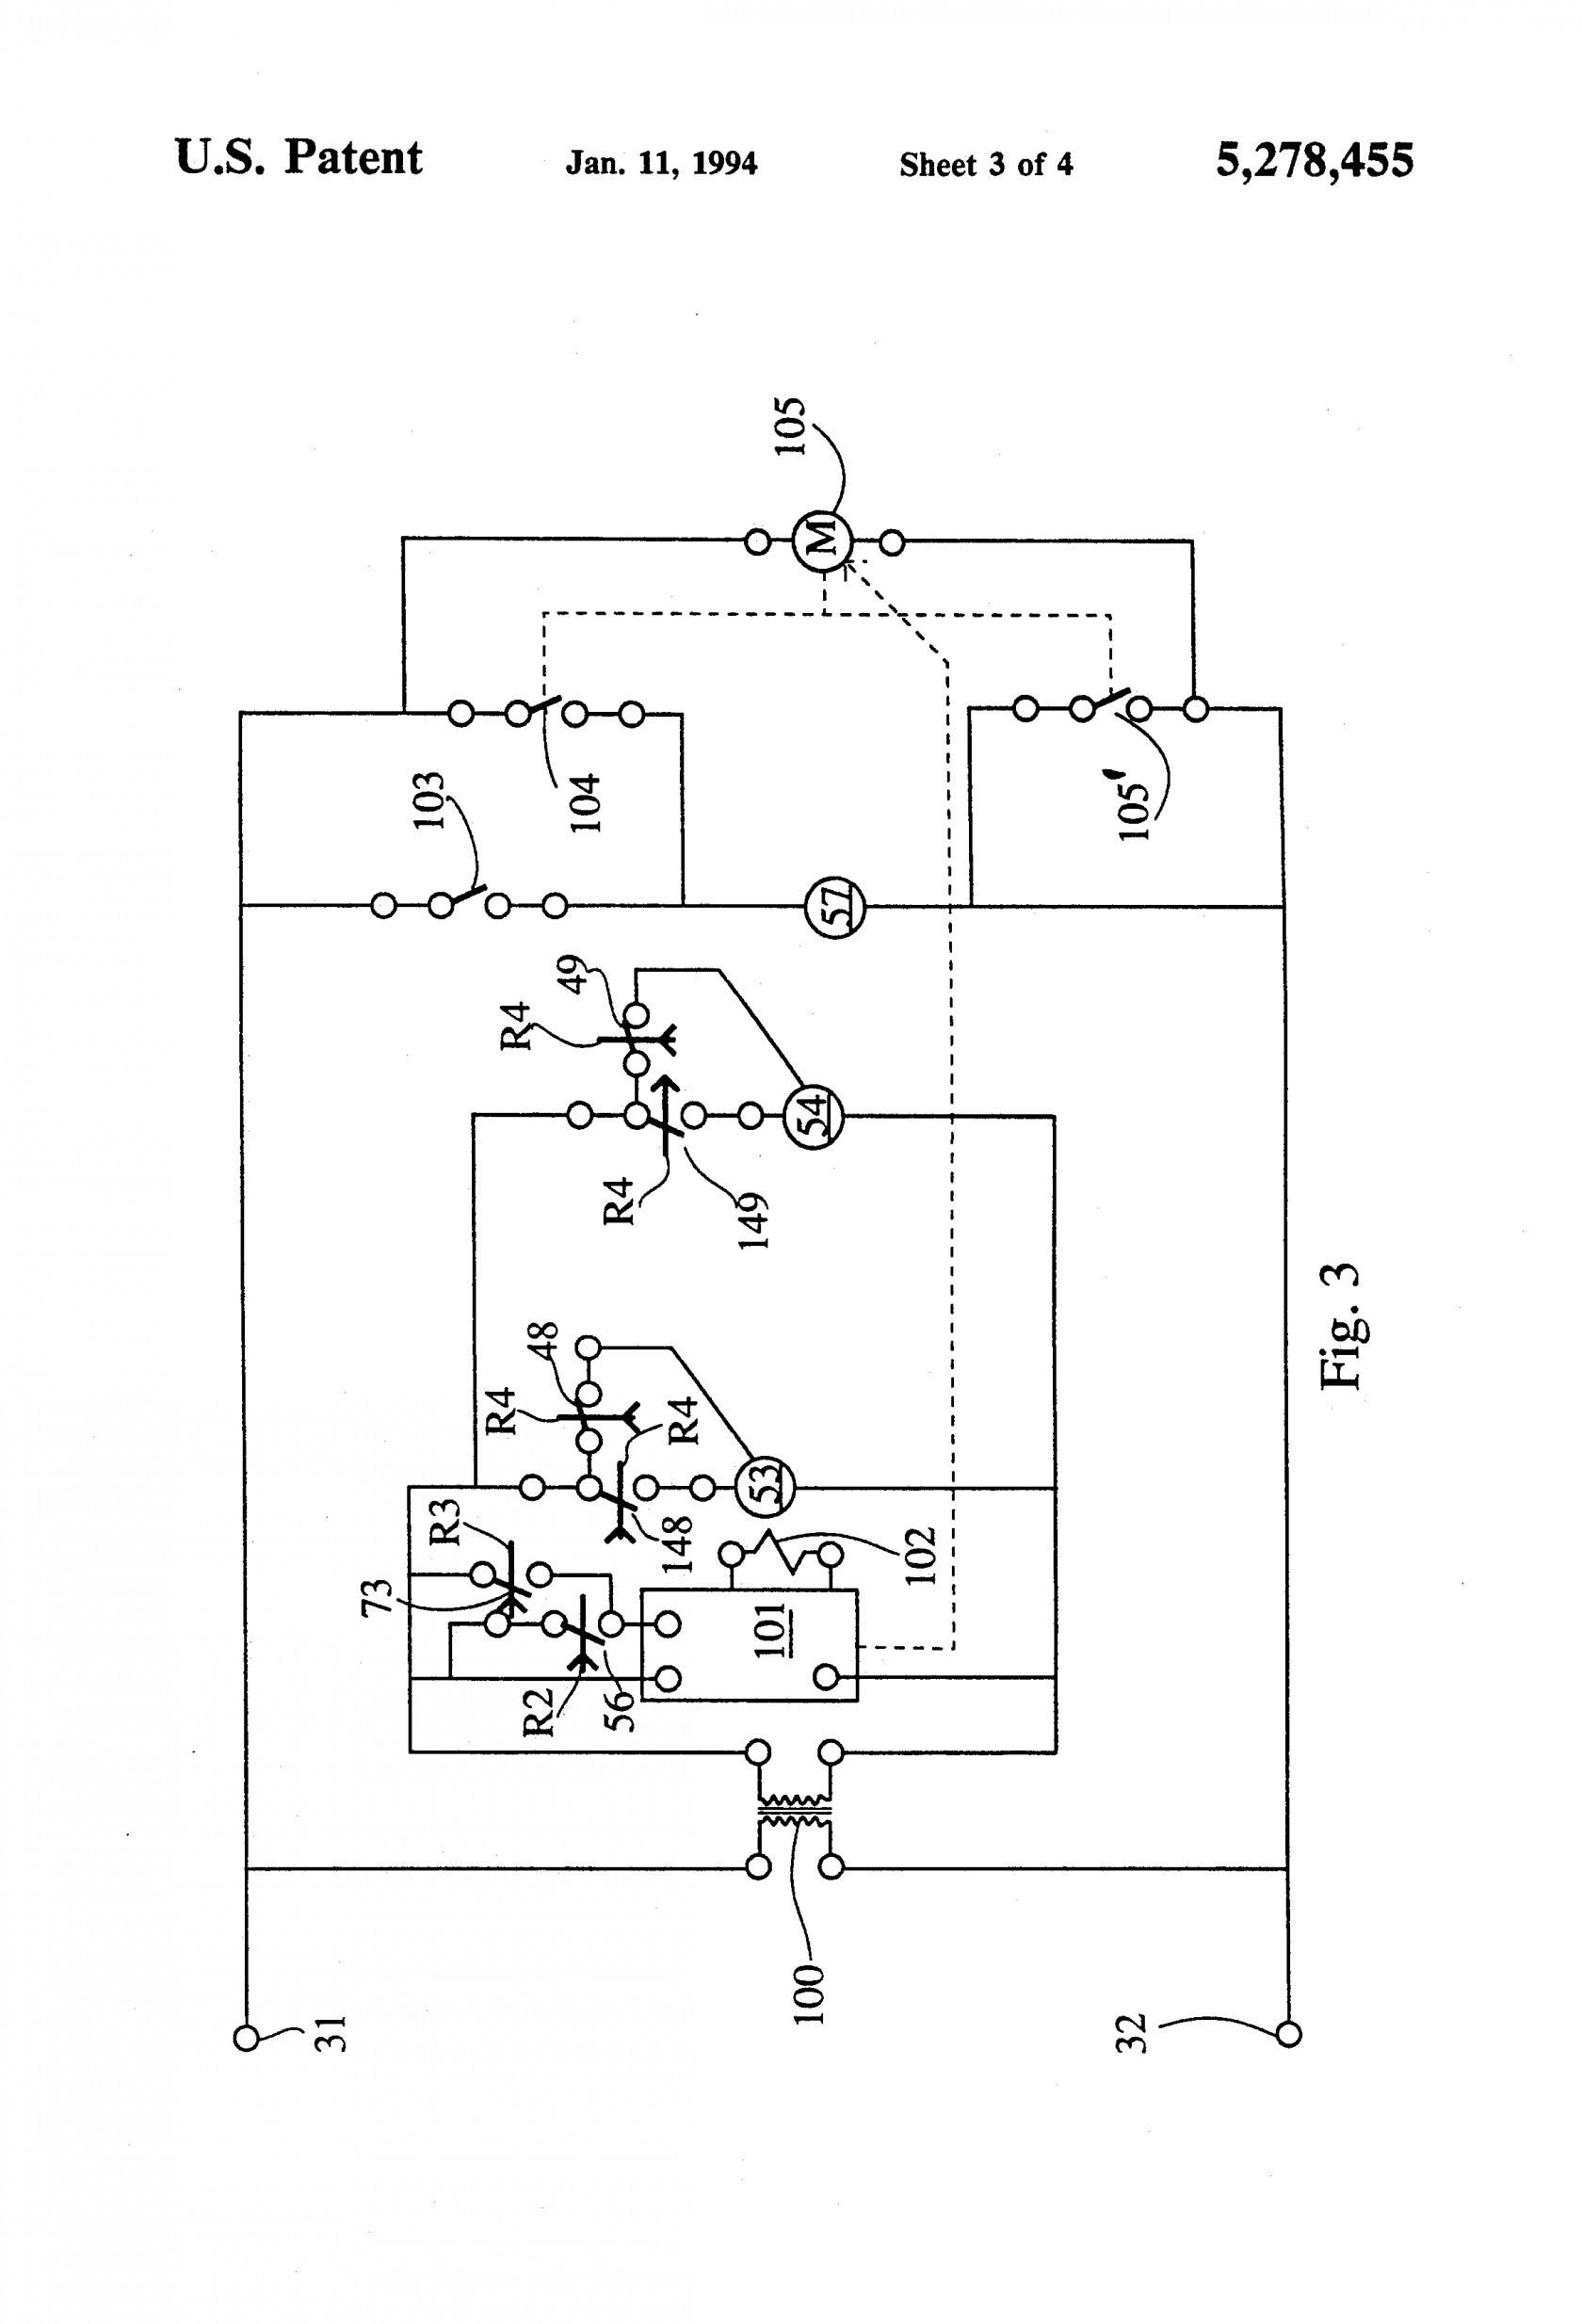 Hayward Pump Parts Diagram Hayward Super Pump Wiring Diagram 230v Shahsramblings Of Hayward Pump Parts Diagram